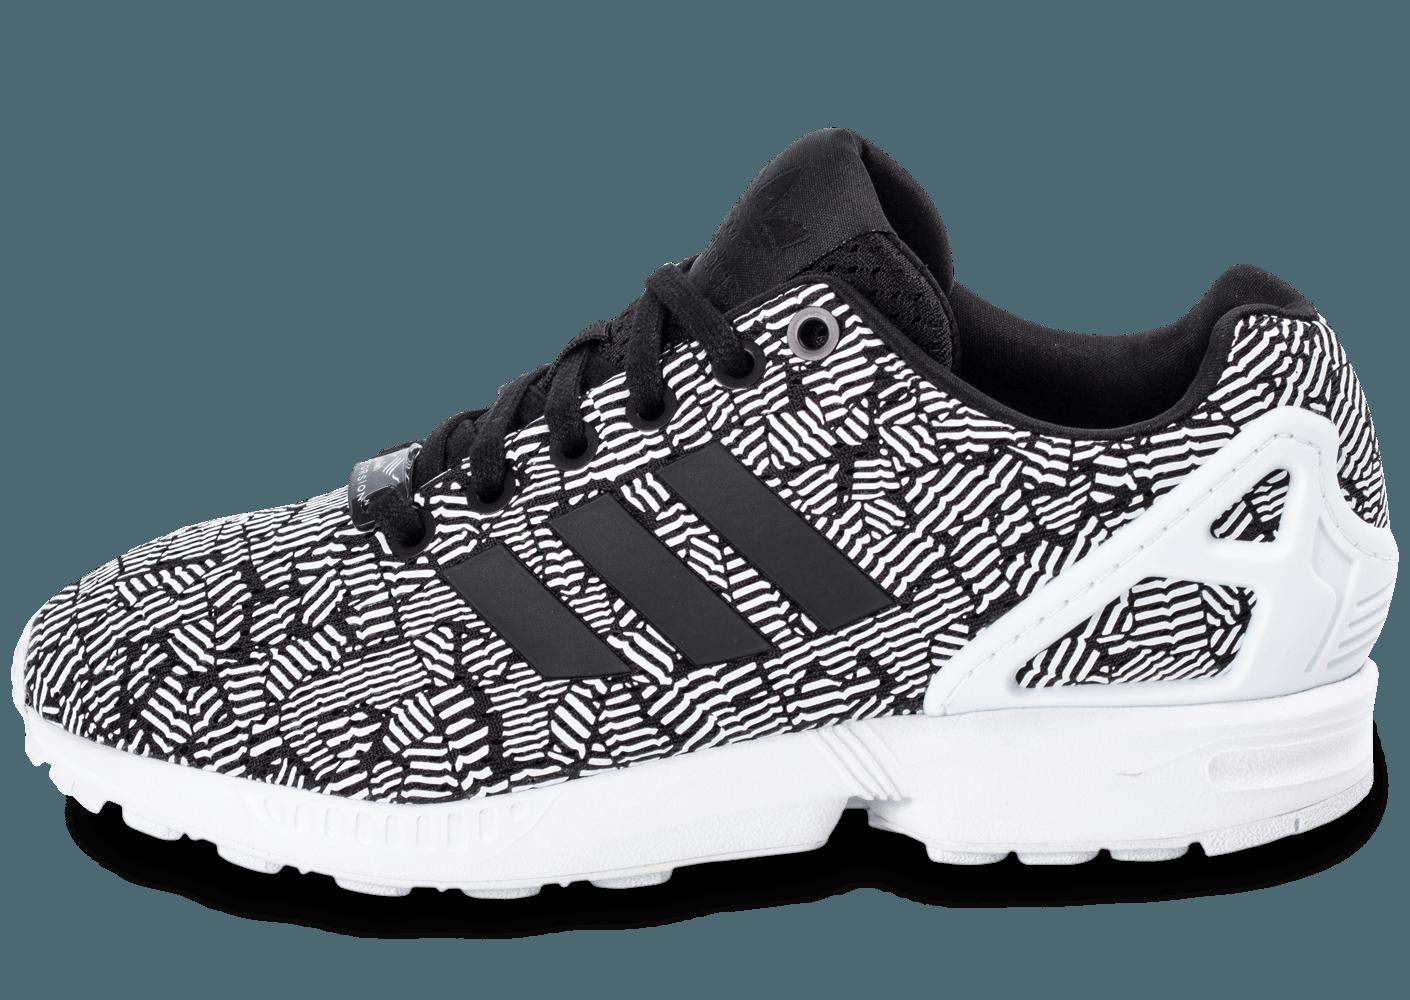 info pour fe6a4 2be38 Promotion de groupe chaussure adidas zx flux noir et blanc ...